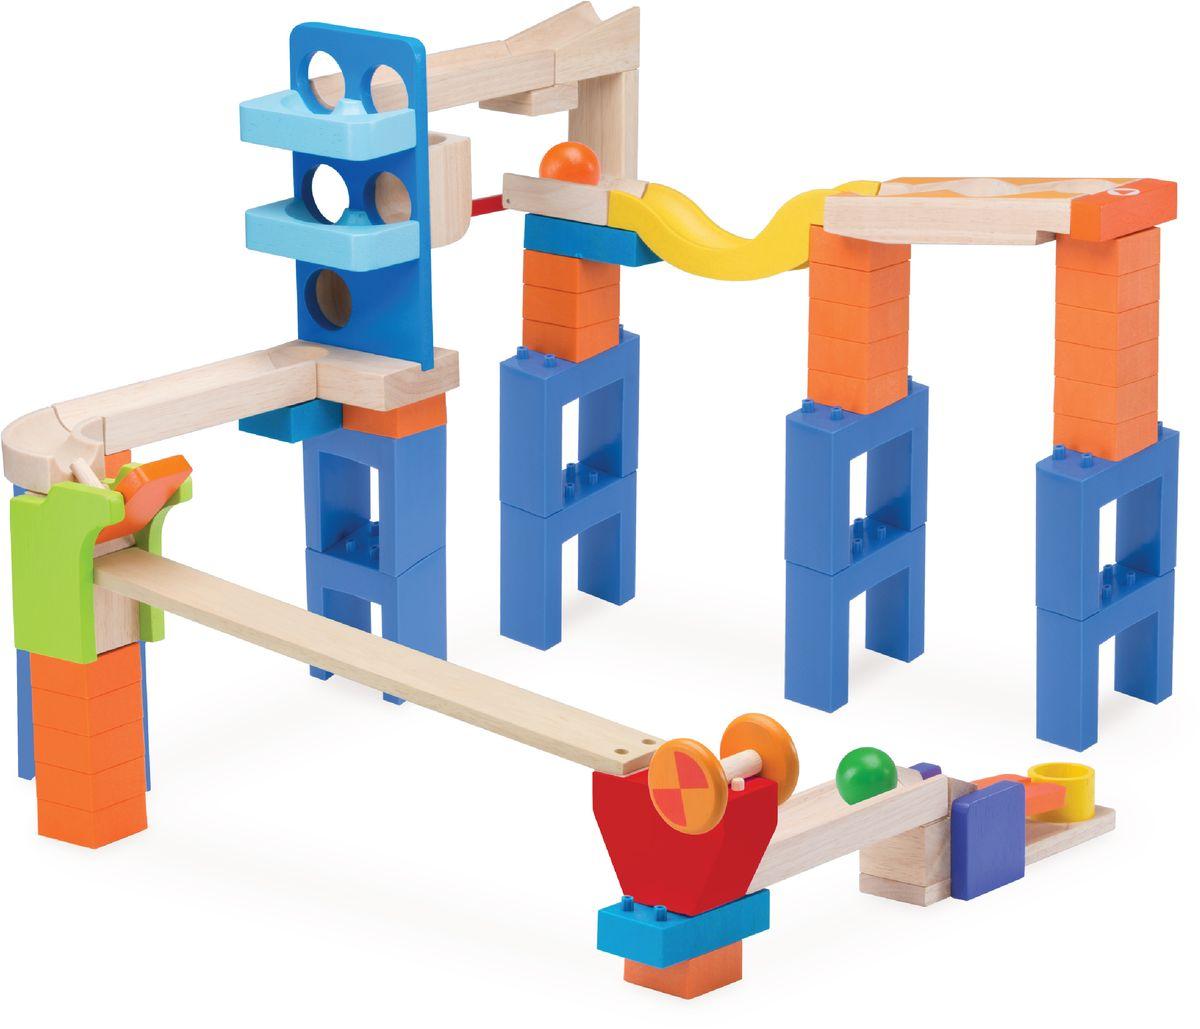 WWT Деревянный конструктор Trix-Track Чудо-мостик конструкторы wonderworld блоки для trix track 30 штук